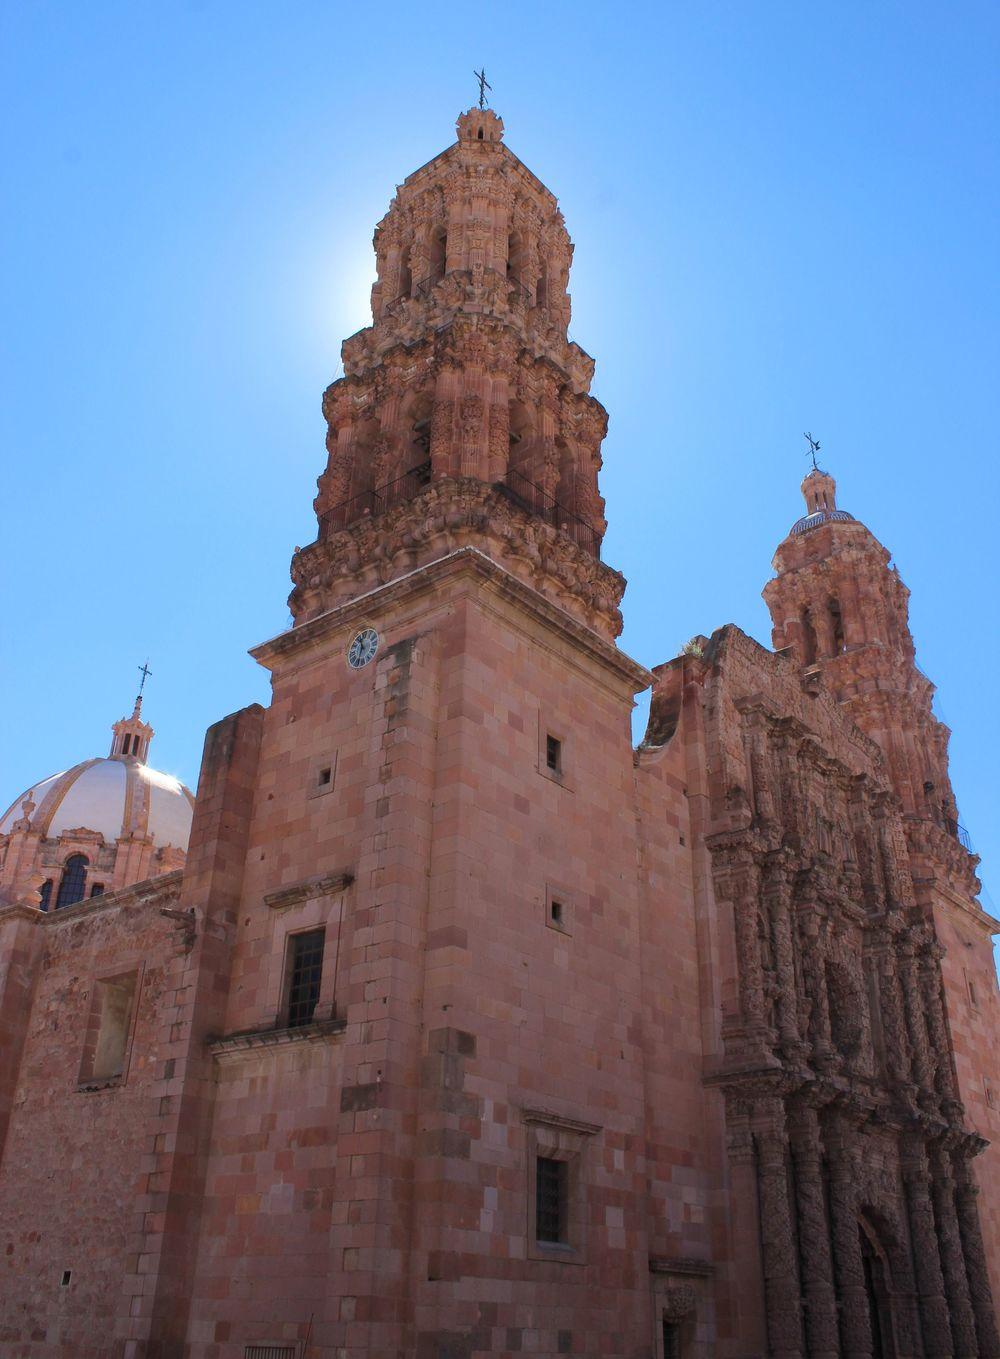 Cathédrale Notre-Dame-de-l'Assomption, Zacatecas, Zacatecas, Mexique